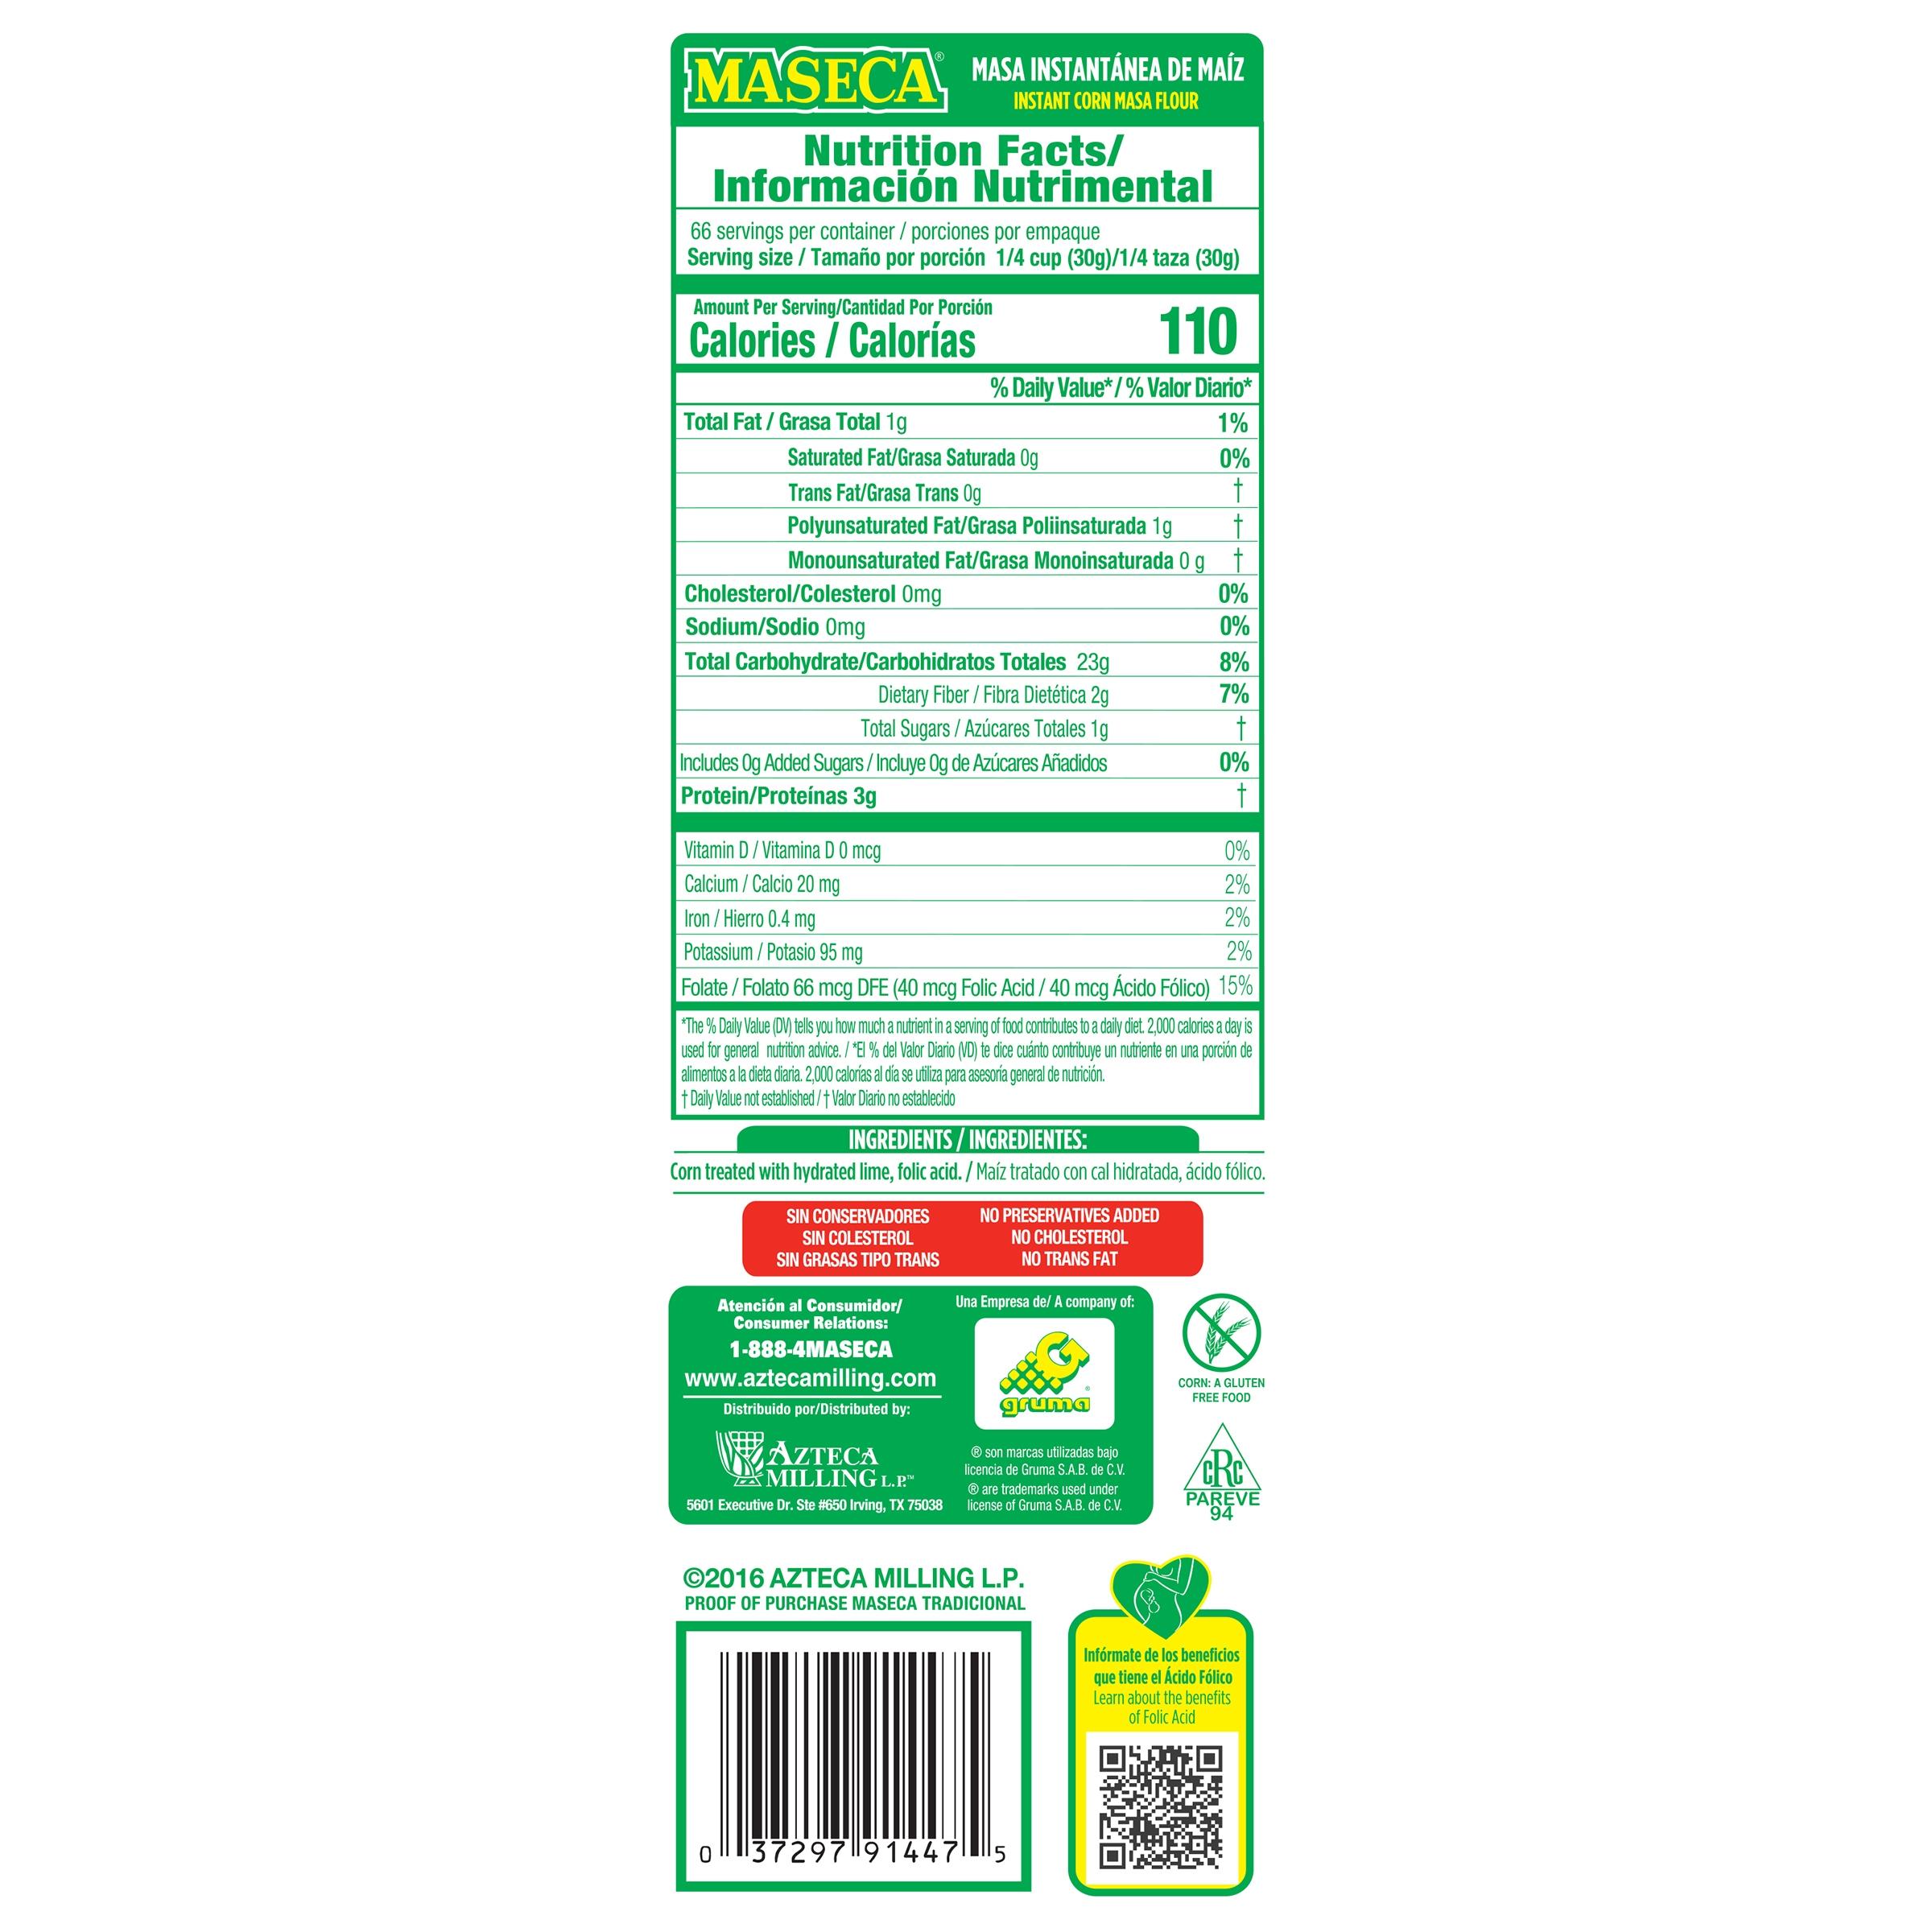 medium maseca instant corn masa flour 44 lb 1J QgZjnDX